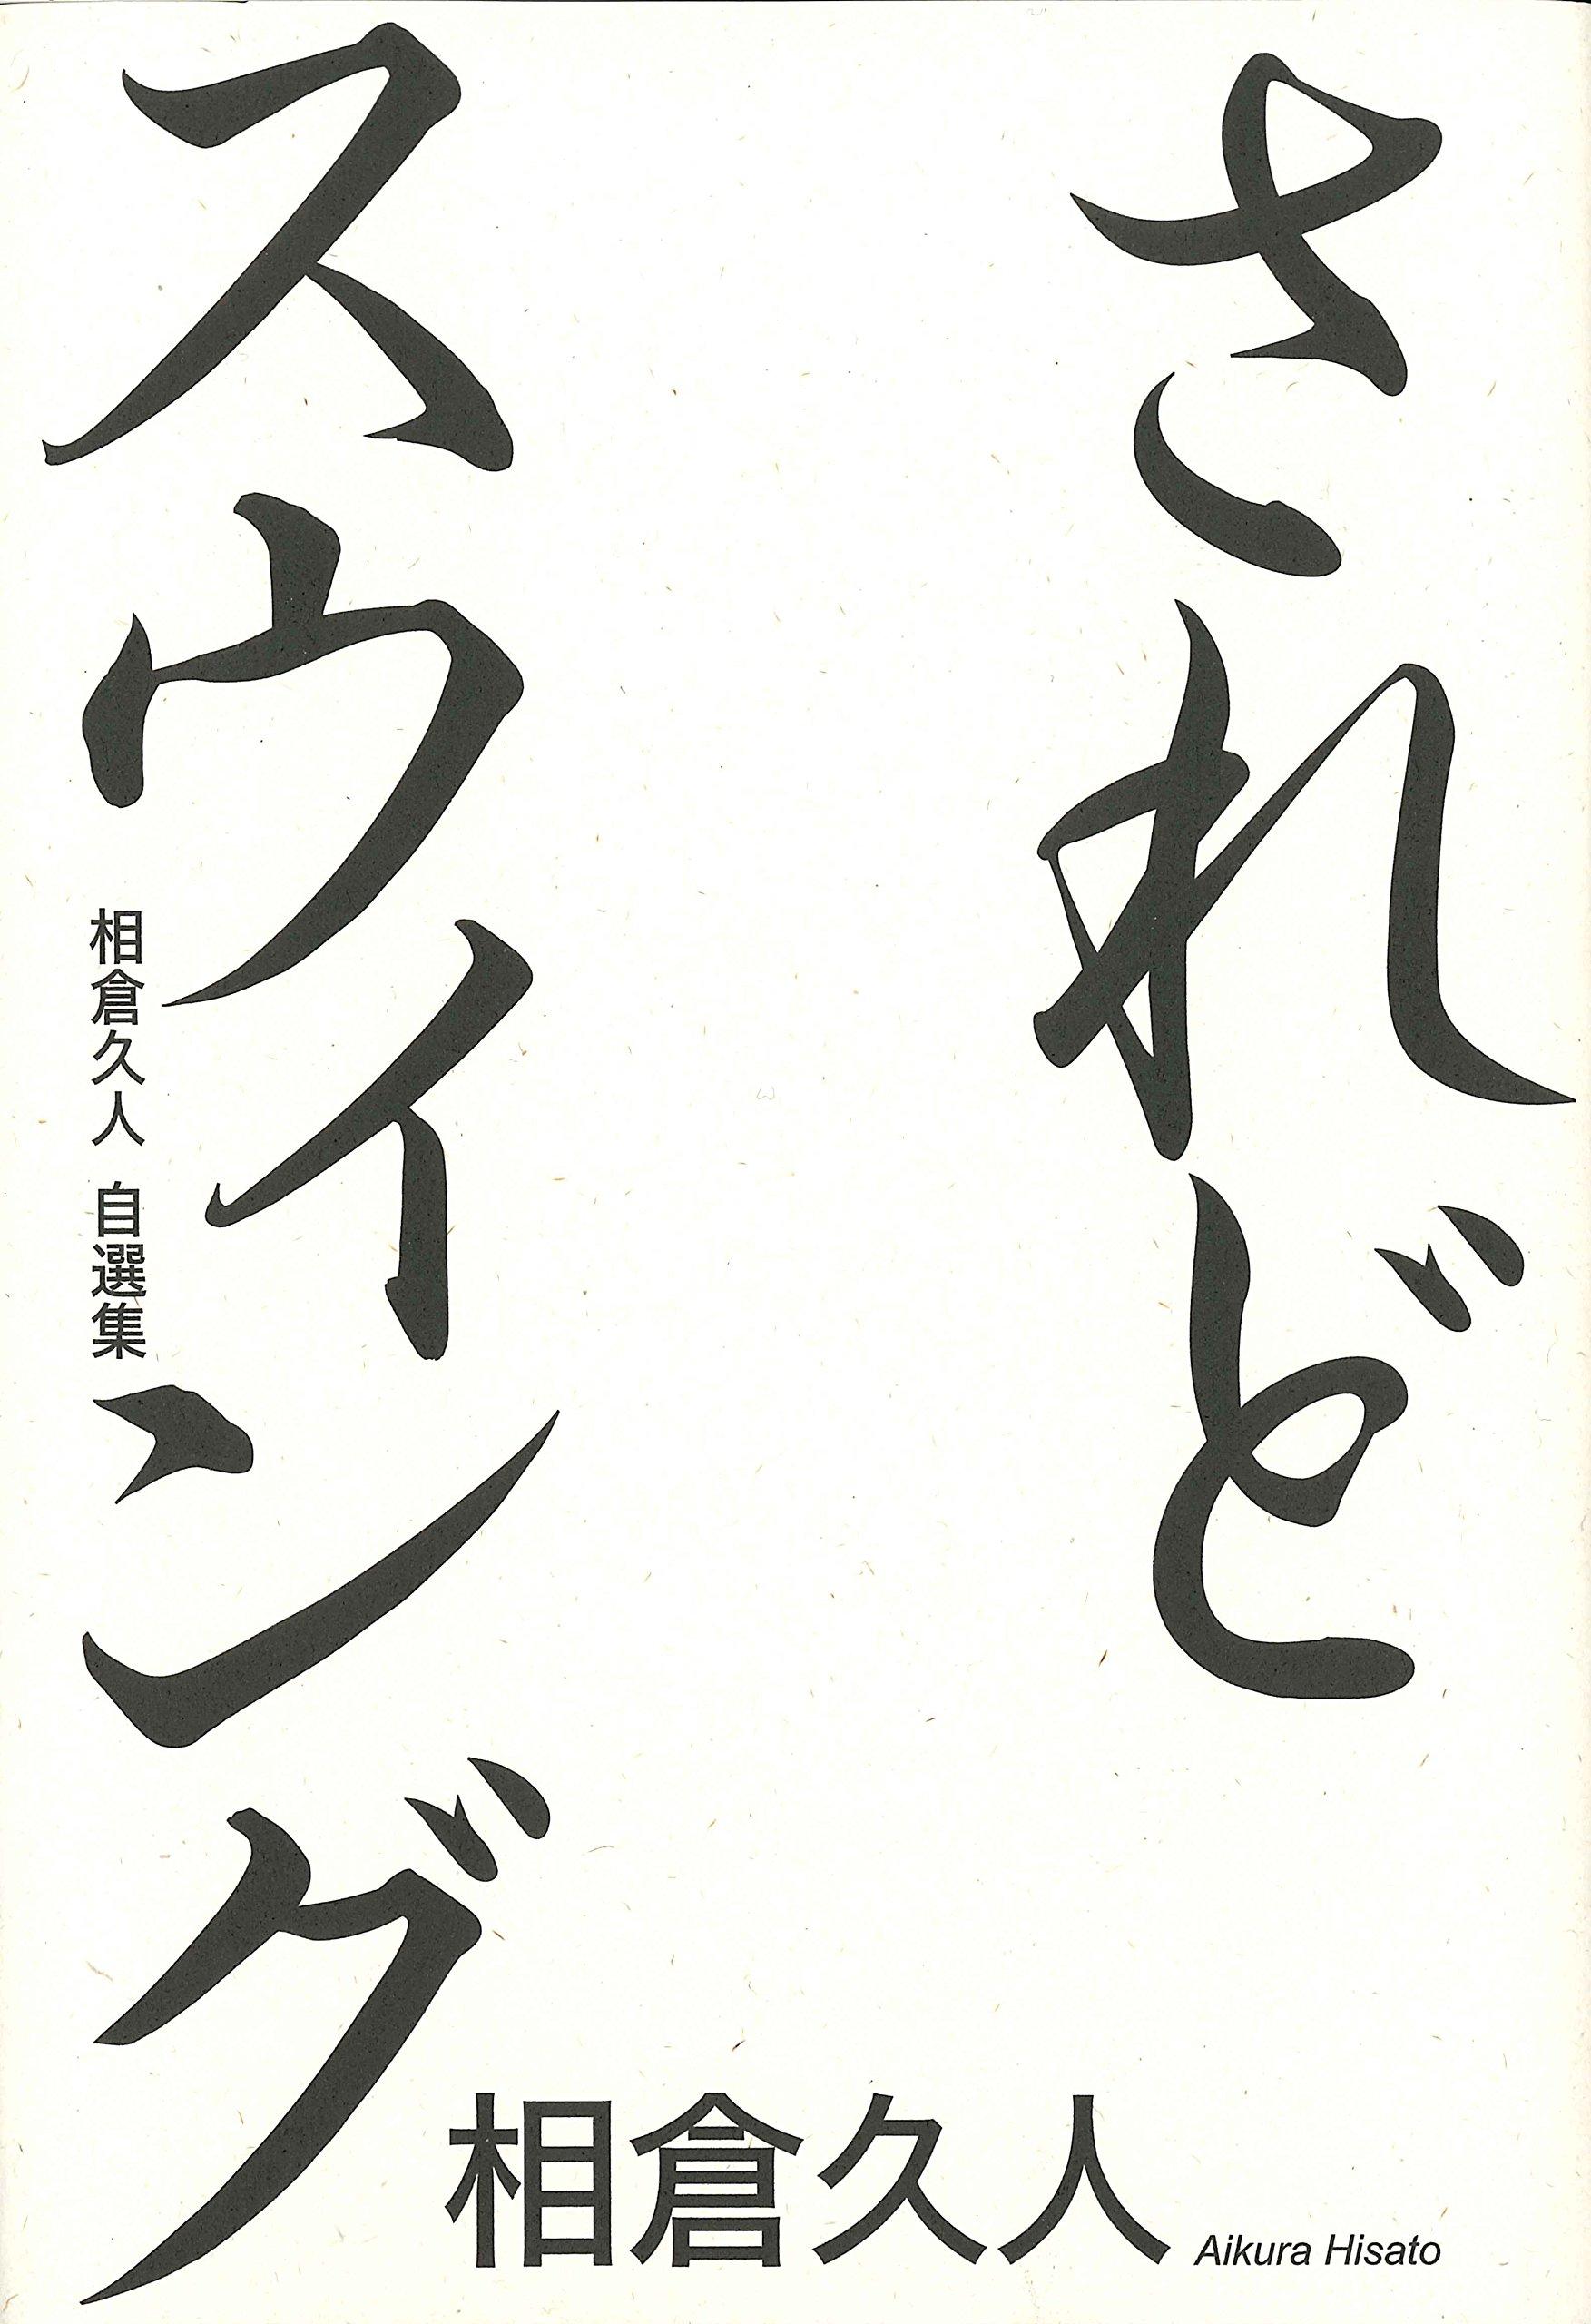 『されどスウィング -相倉久人自選集』